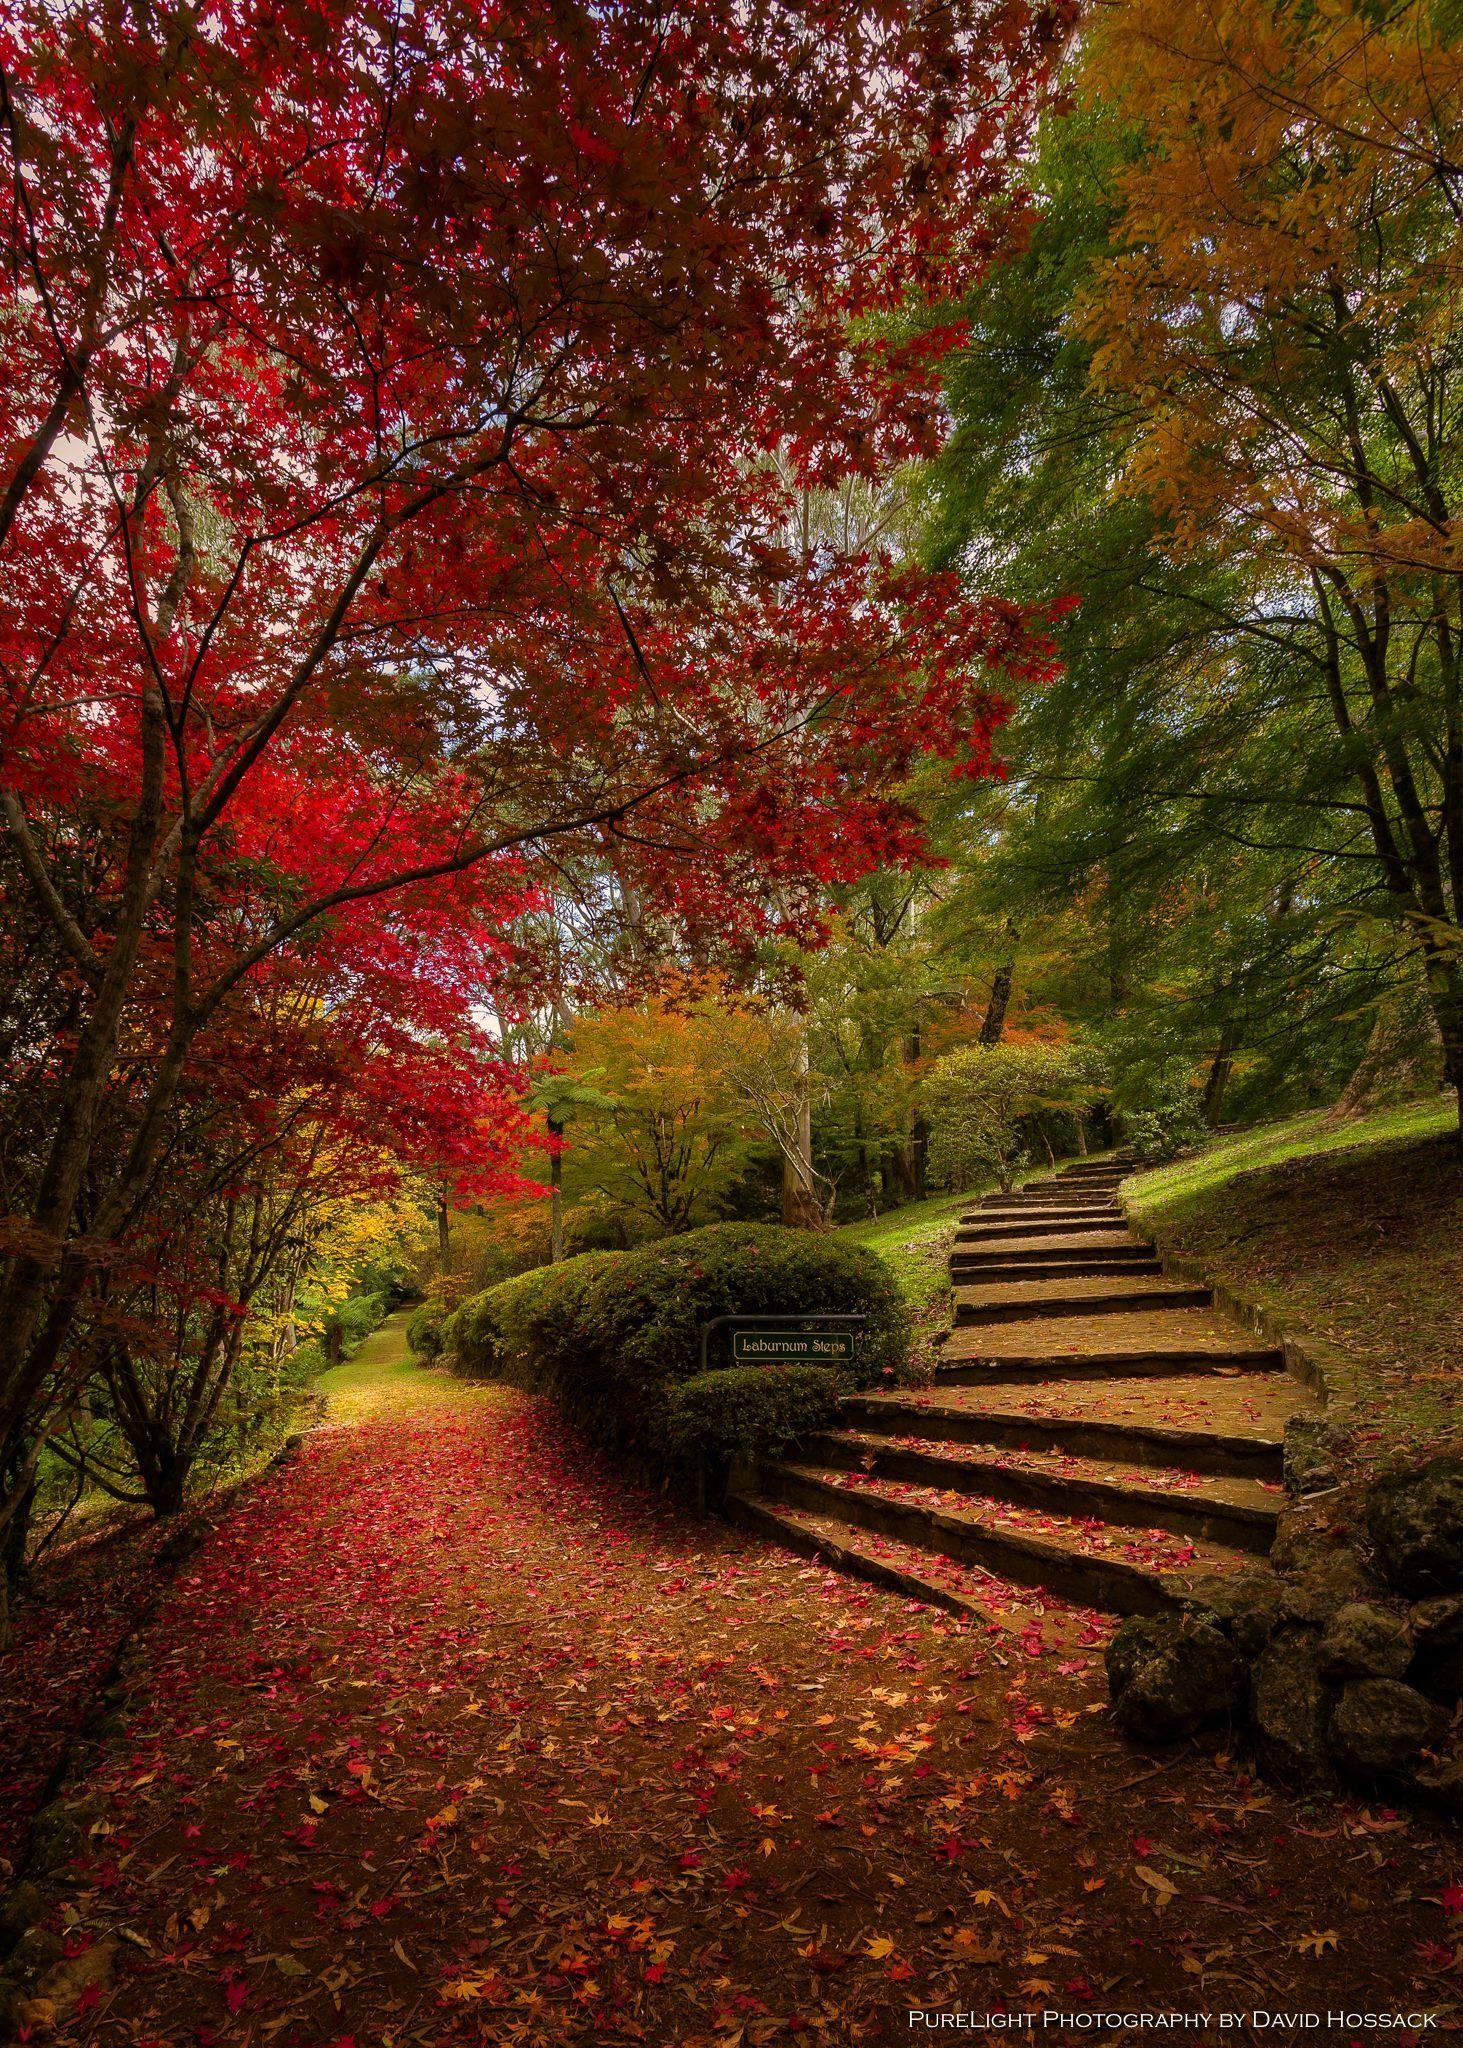 Pin by Carla Atkinson on Pretty fall stuff Scenery